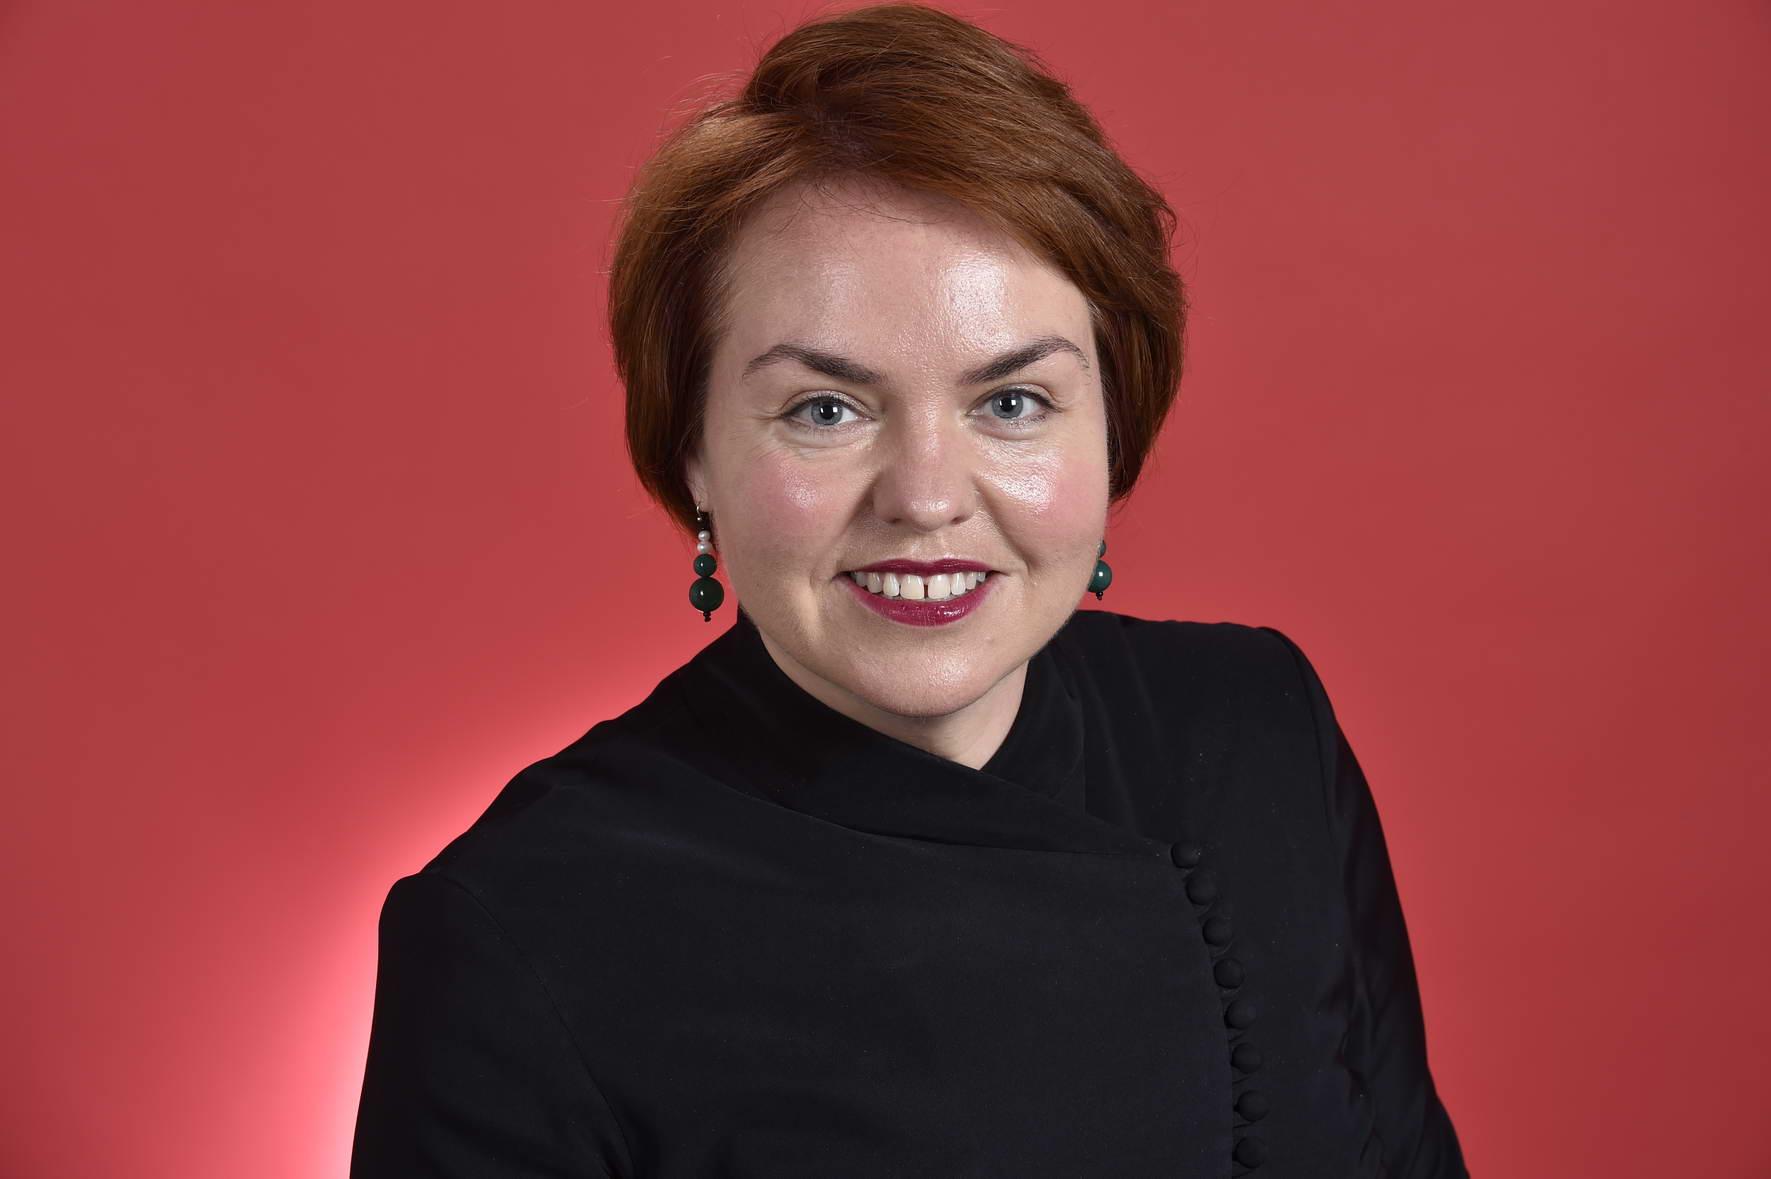 澳洲國會經濟參考委員會兼外交、國防和貿易參考委員會主席、工黨參議員基欽(Kimberley Kitching)。(本人提供)